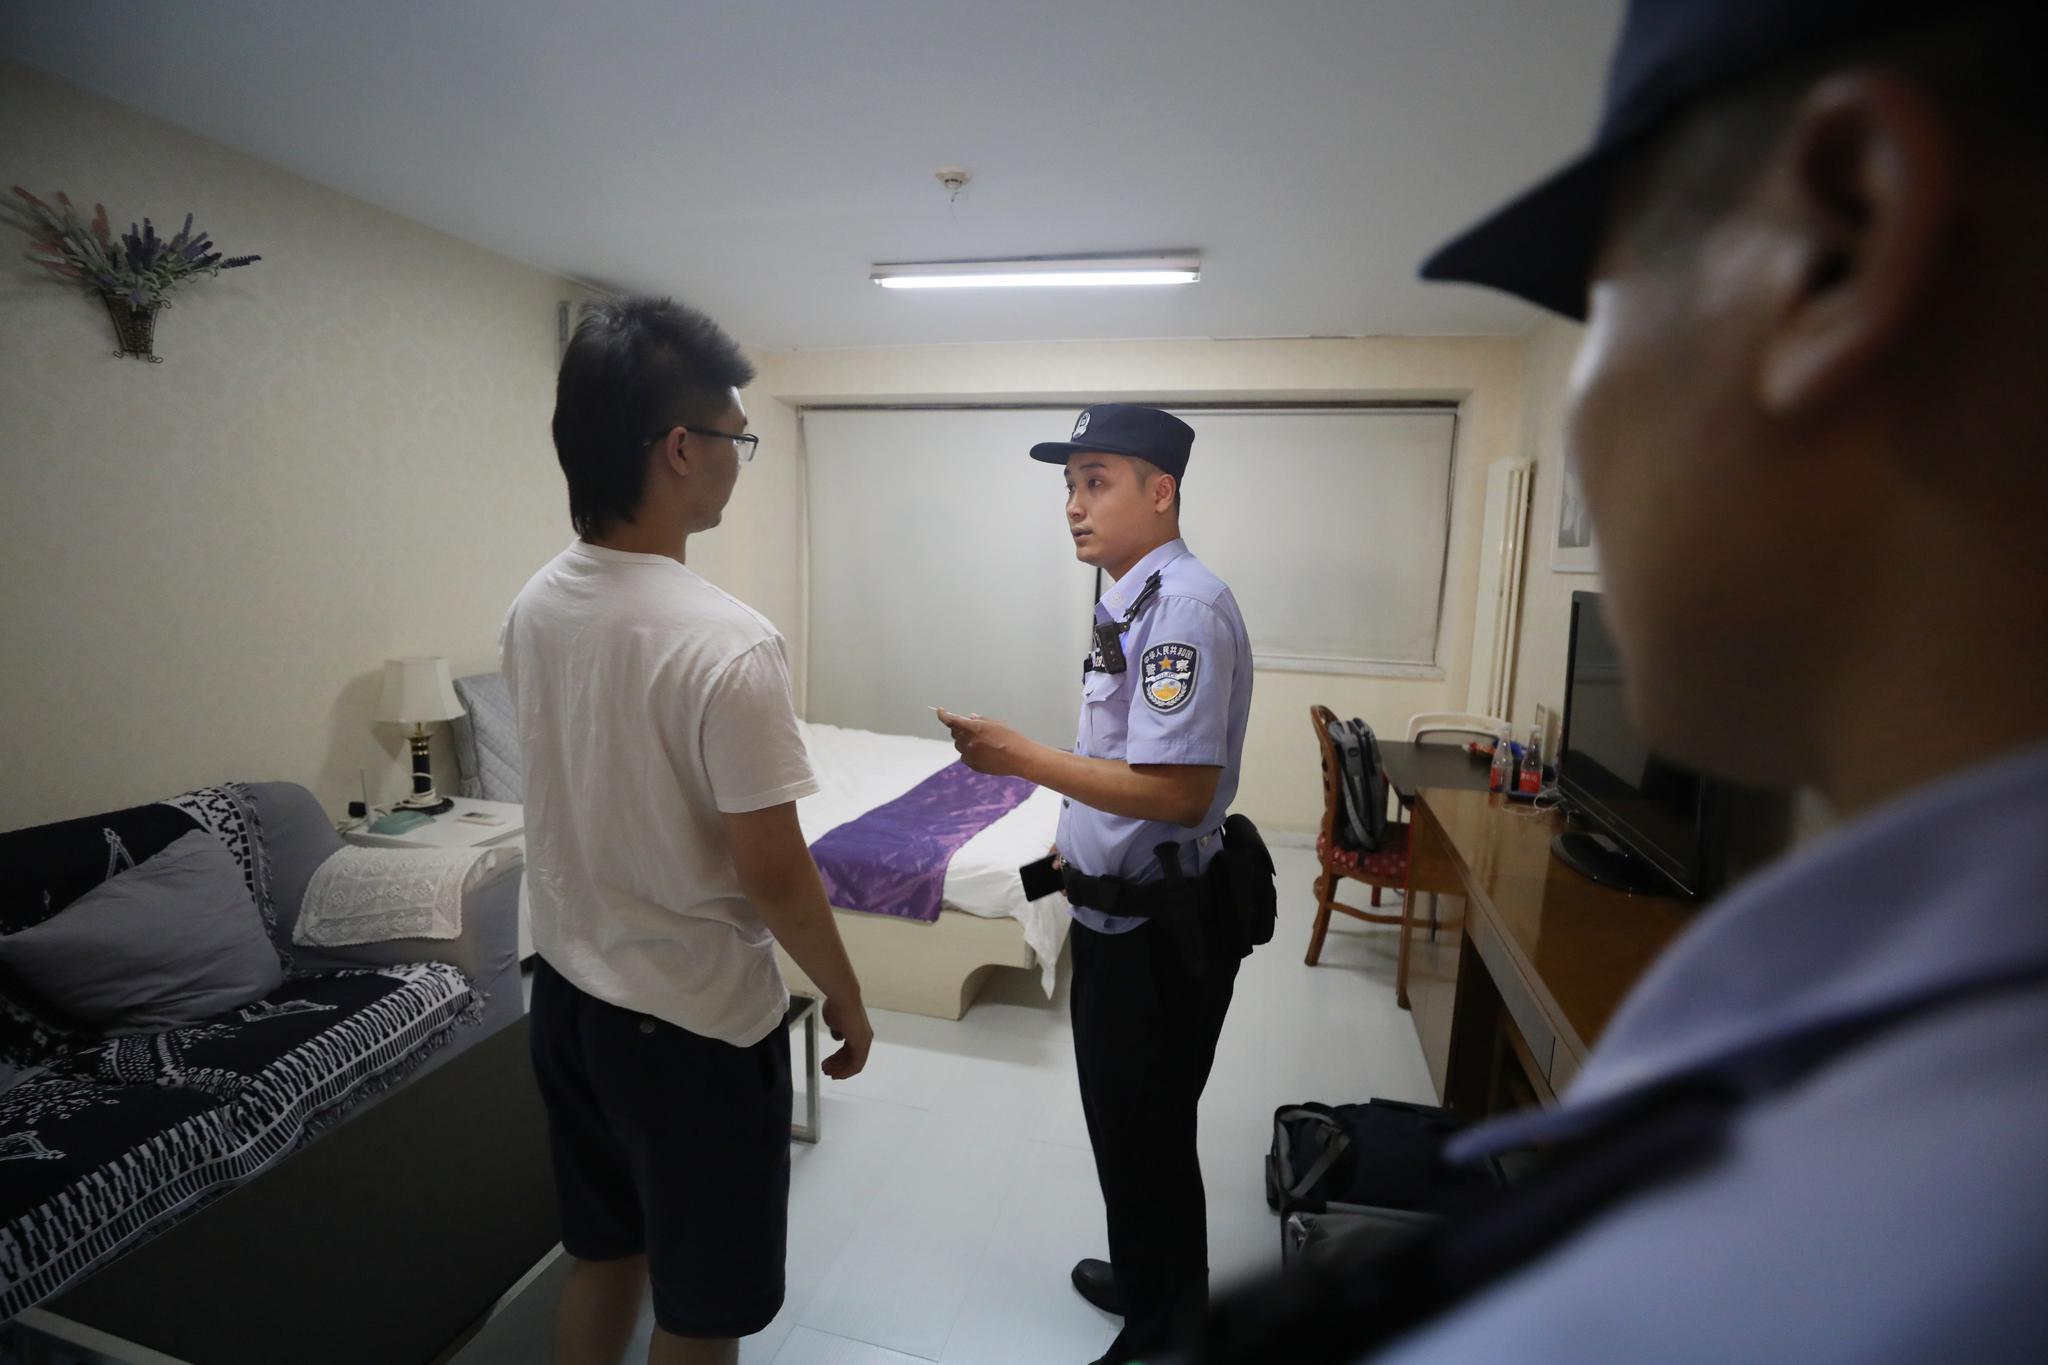 民警对住户进行询伟拿磐崴梗新京报记者王飞摄